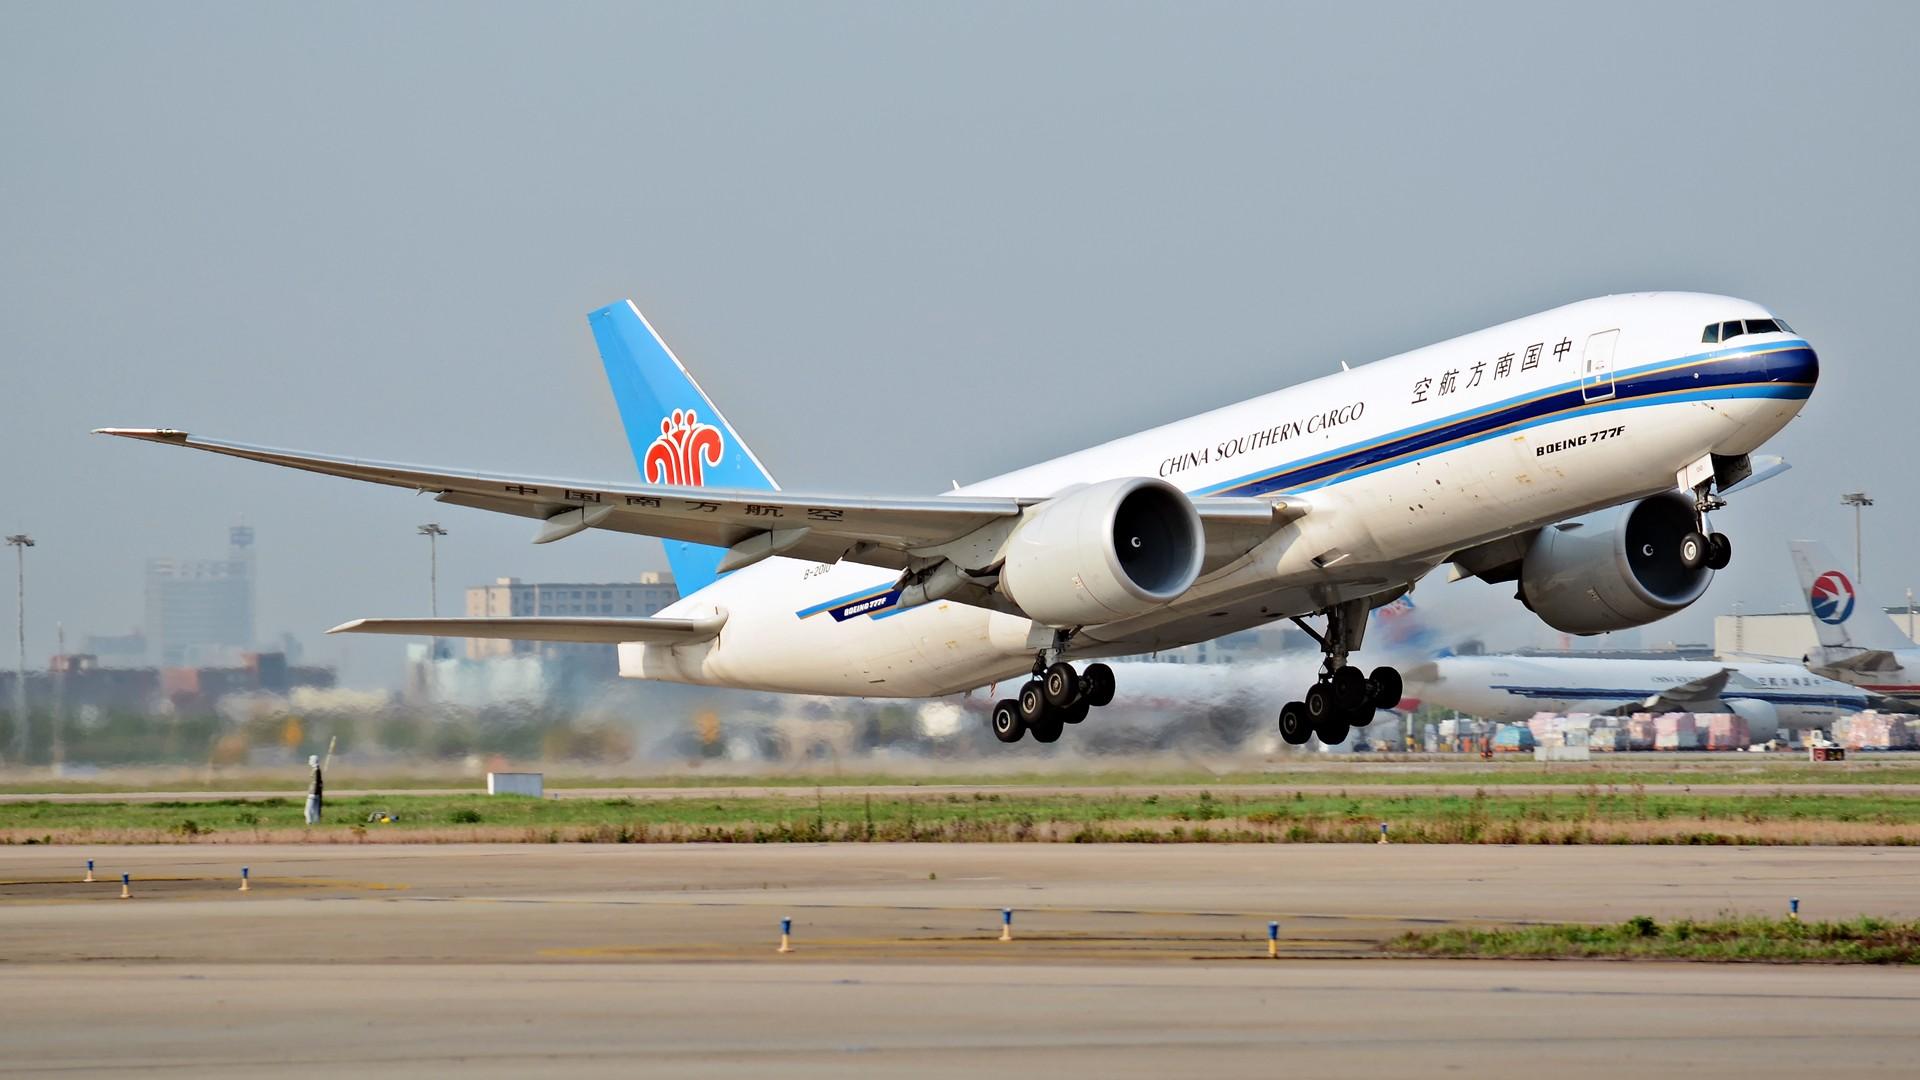 Re:[原创](1920*1080)放出一组壁纸 BOEING 777-200 B-2010 上海浦东国际机场